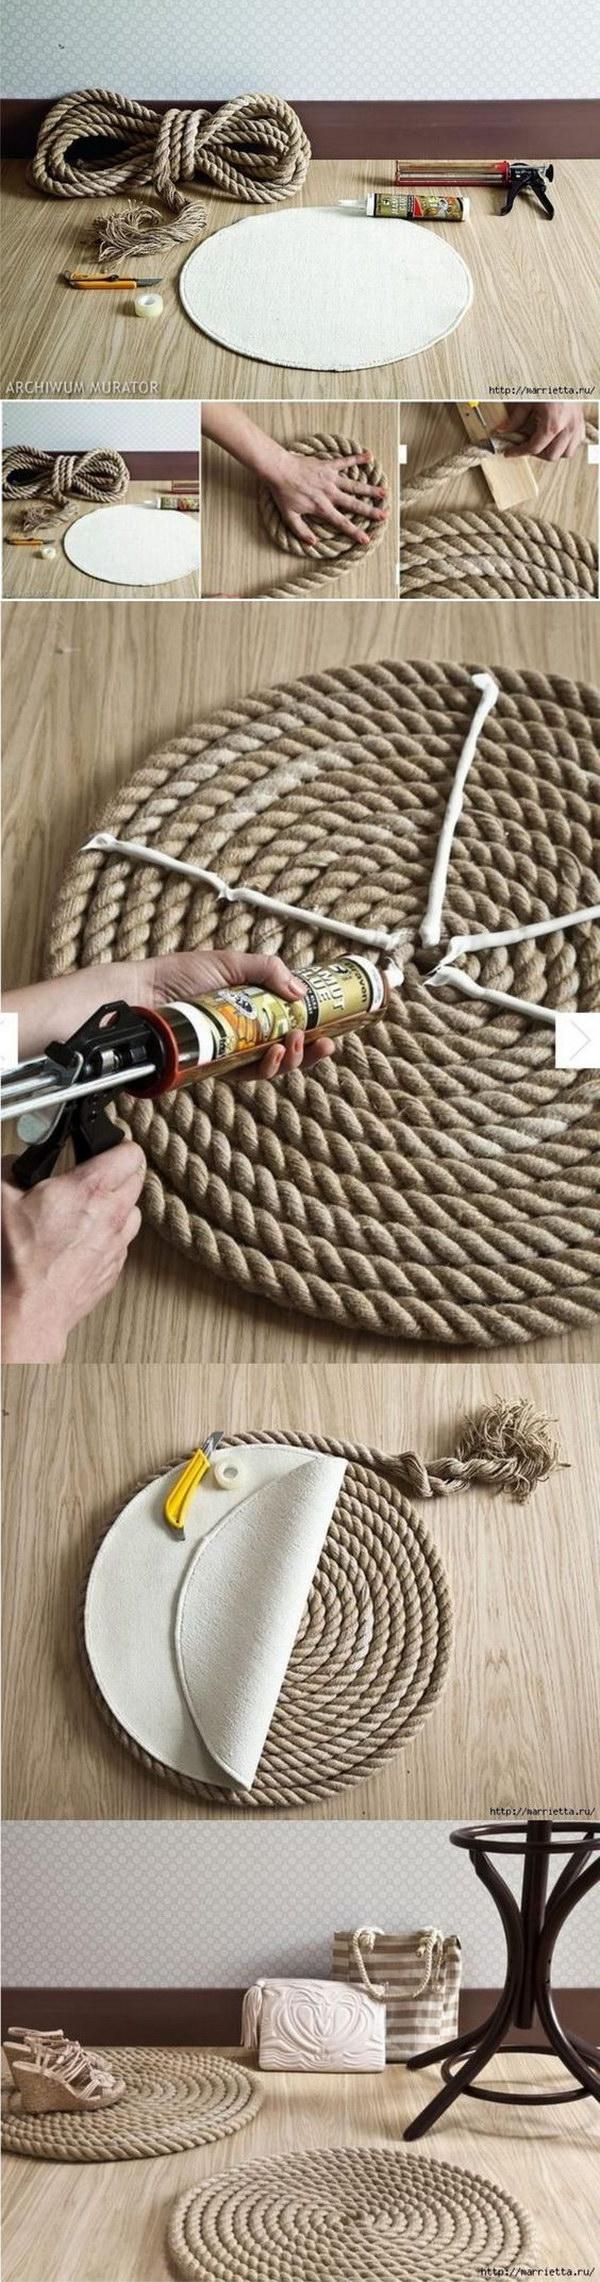 25 DIY Rope Rug